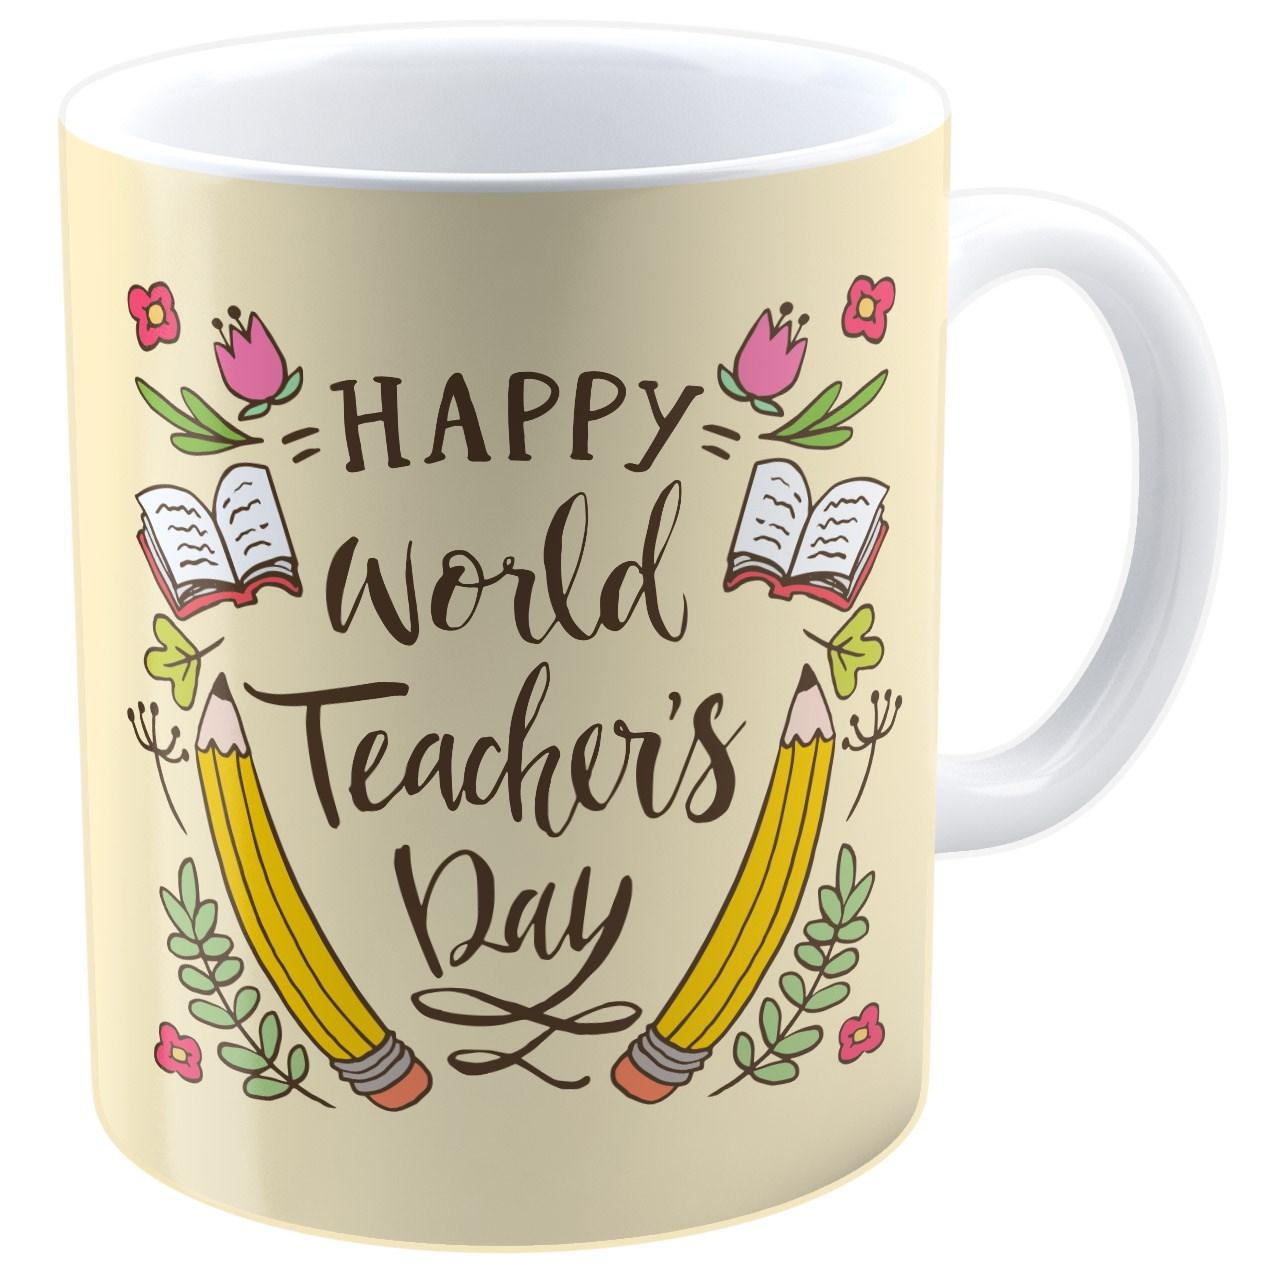 عکس ماگ شین دیزاین طرح روز معلم مبارک کد 4160